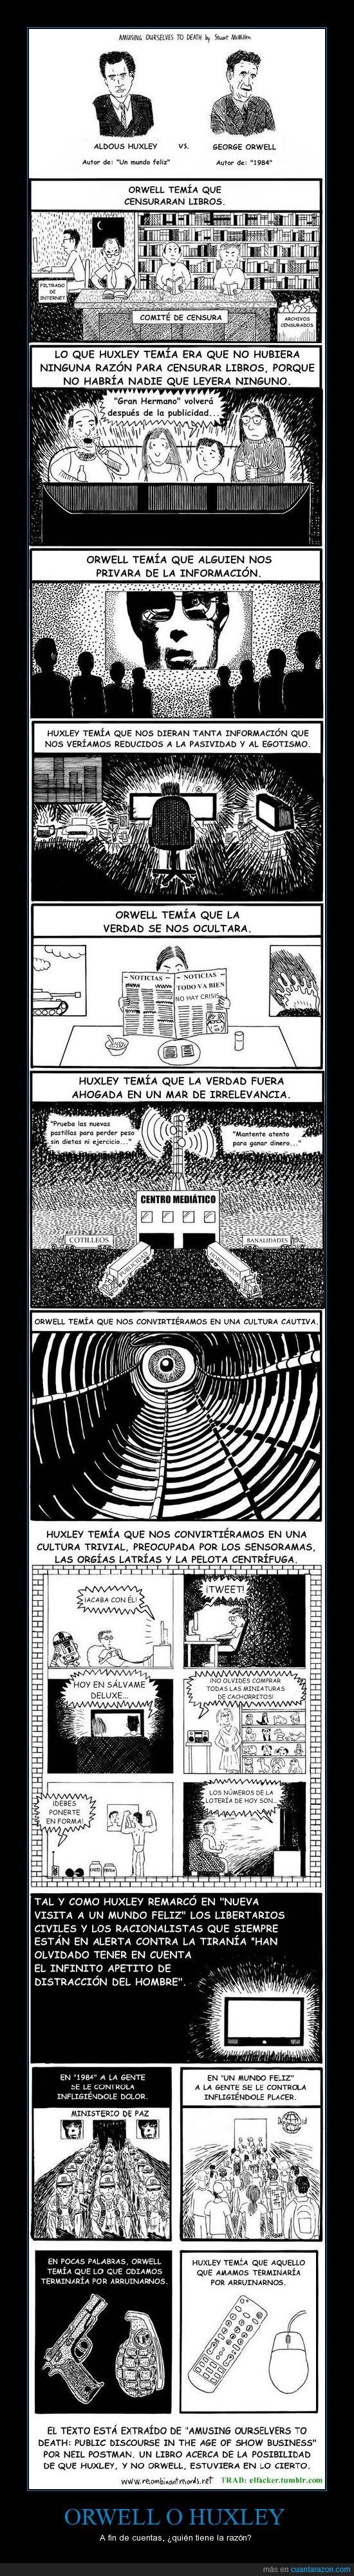 1984,orwell,realidad,Un mundo feliz